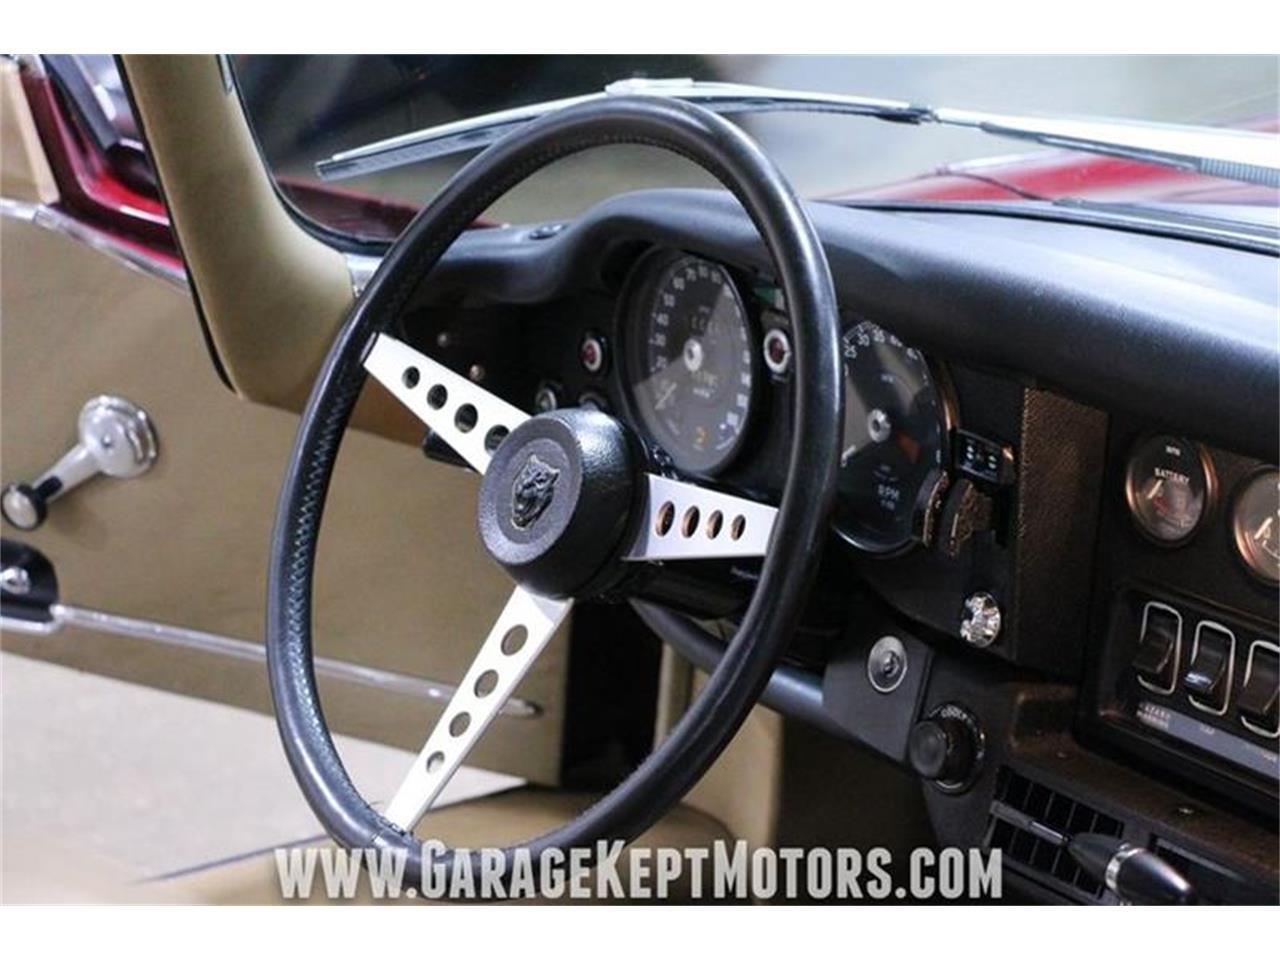 Large Picture of 1971 Jaguar E-Type Offered by Garage Kept Motors - QP0V